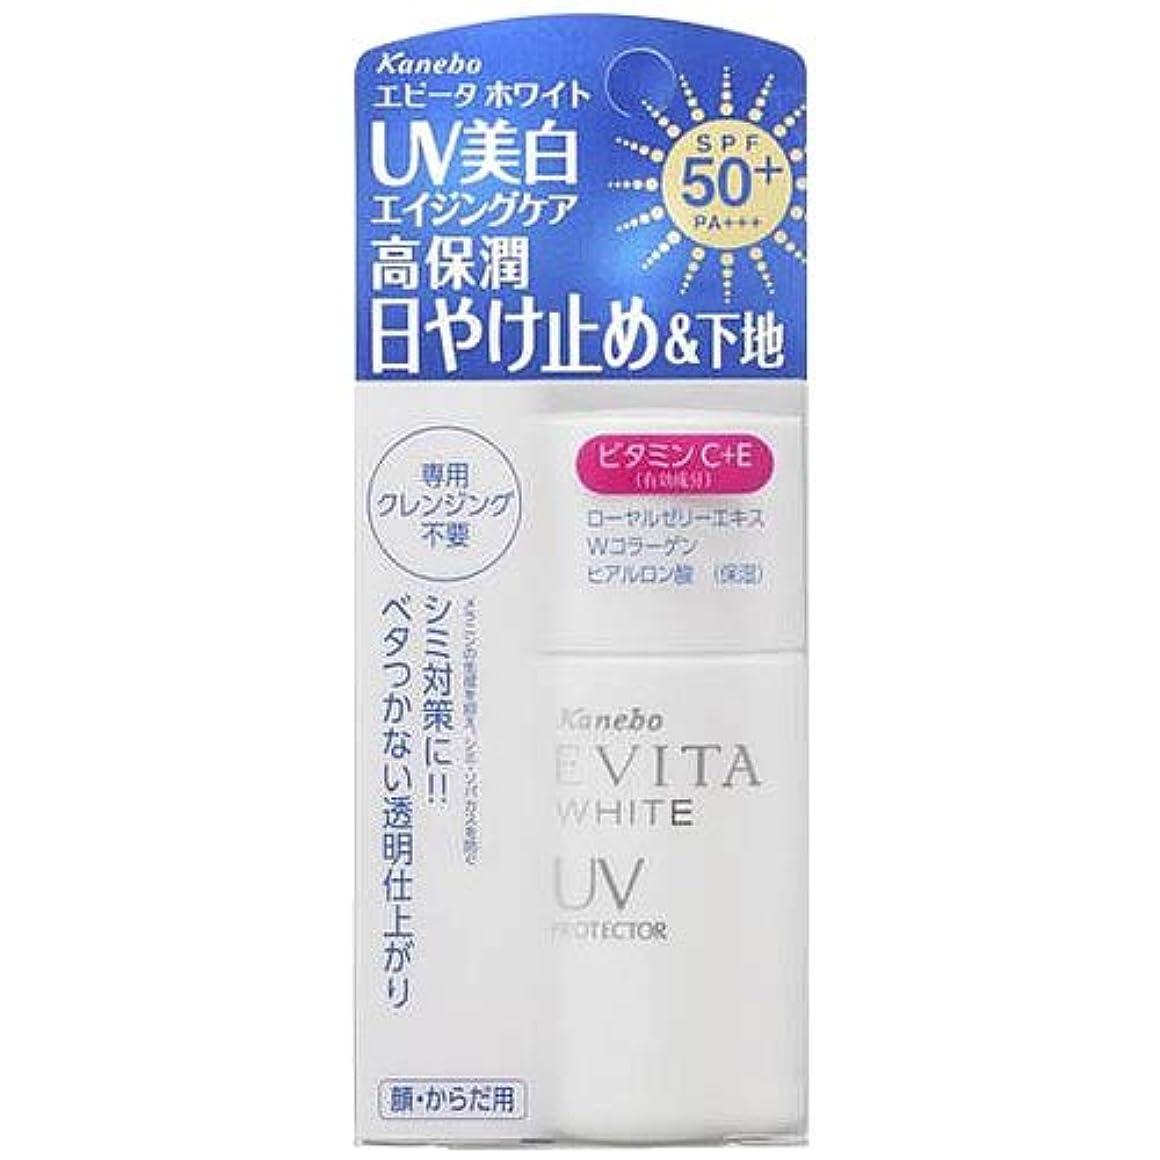 カネボウ KANEBO エビータ ホワイト UVプロテクター 23ml [並行輸入品]